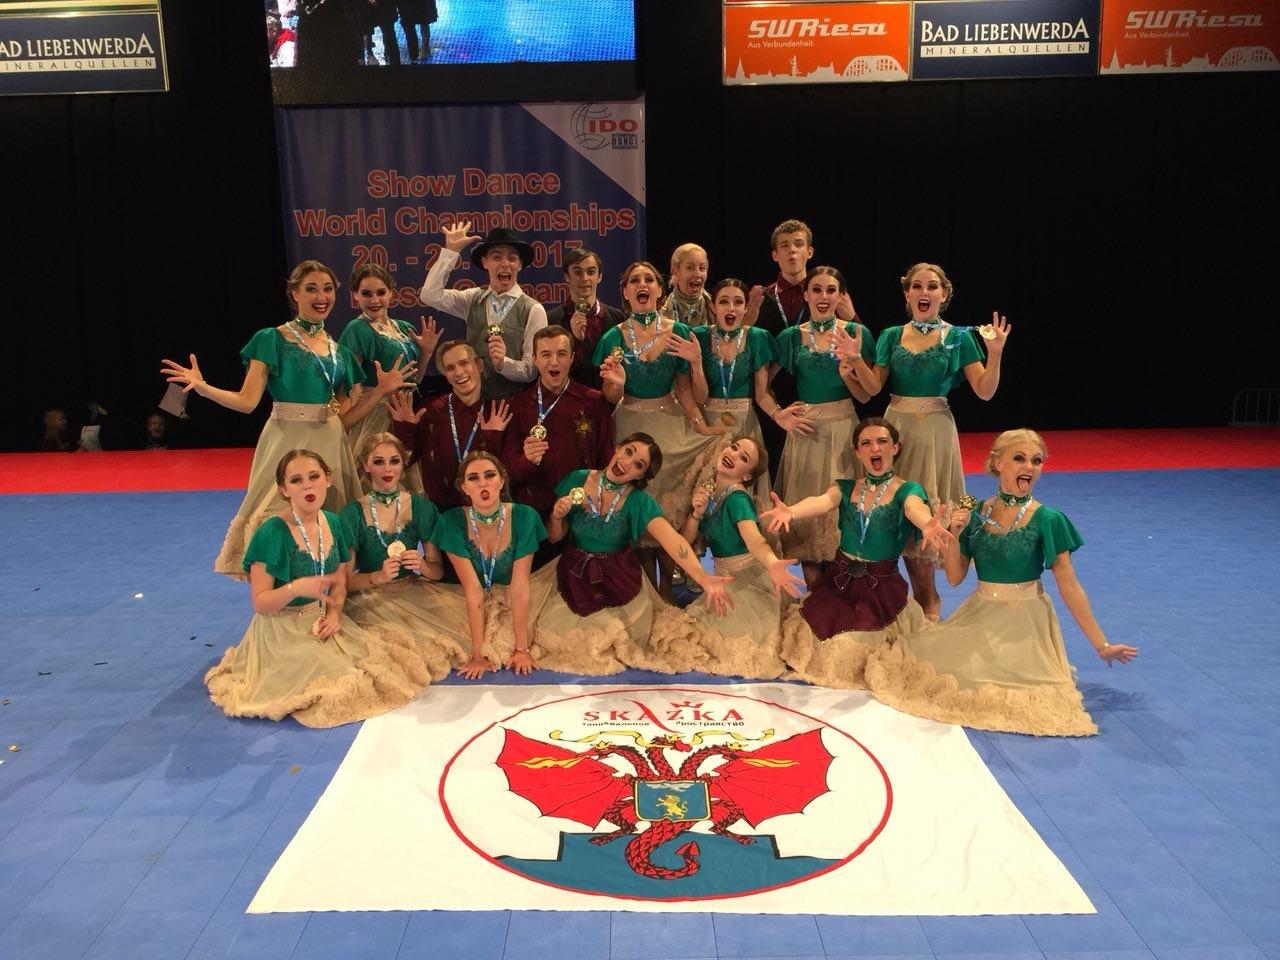 Танцевальное пространство Skazka стало трёхкратным чемпионом мира по танцевальному шоу в Германии, фото-2